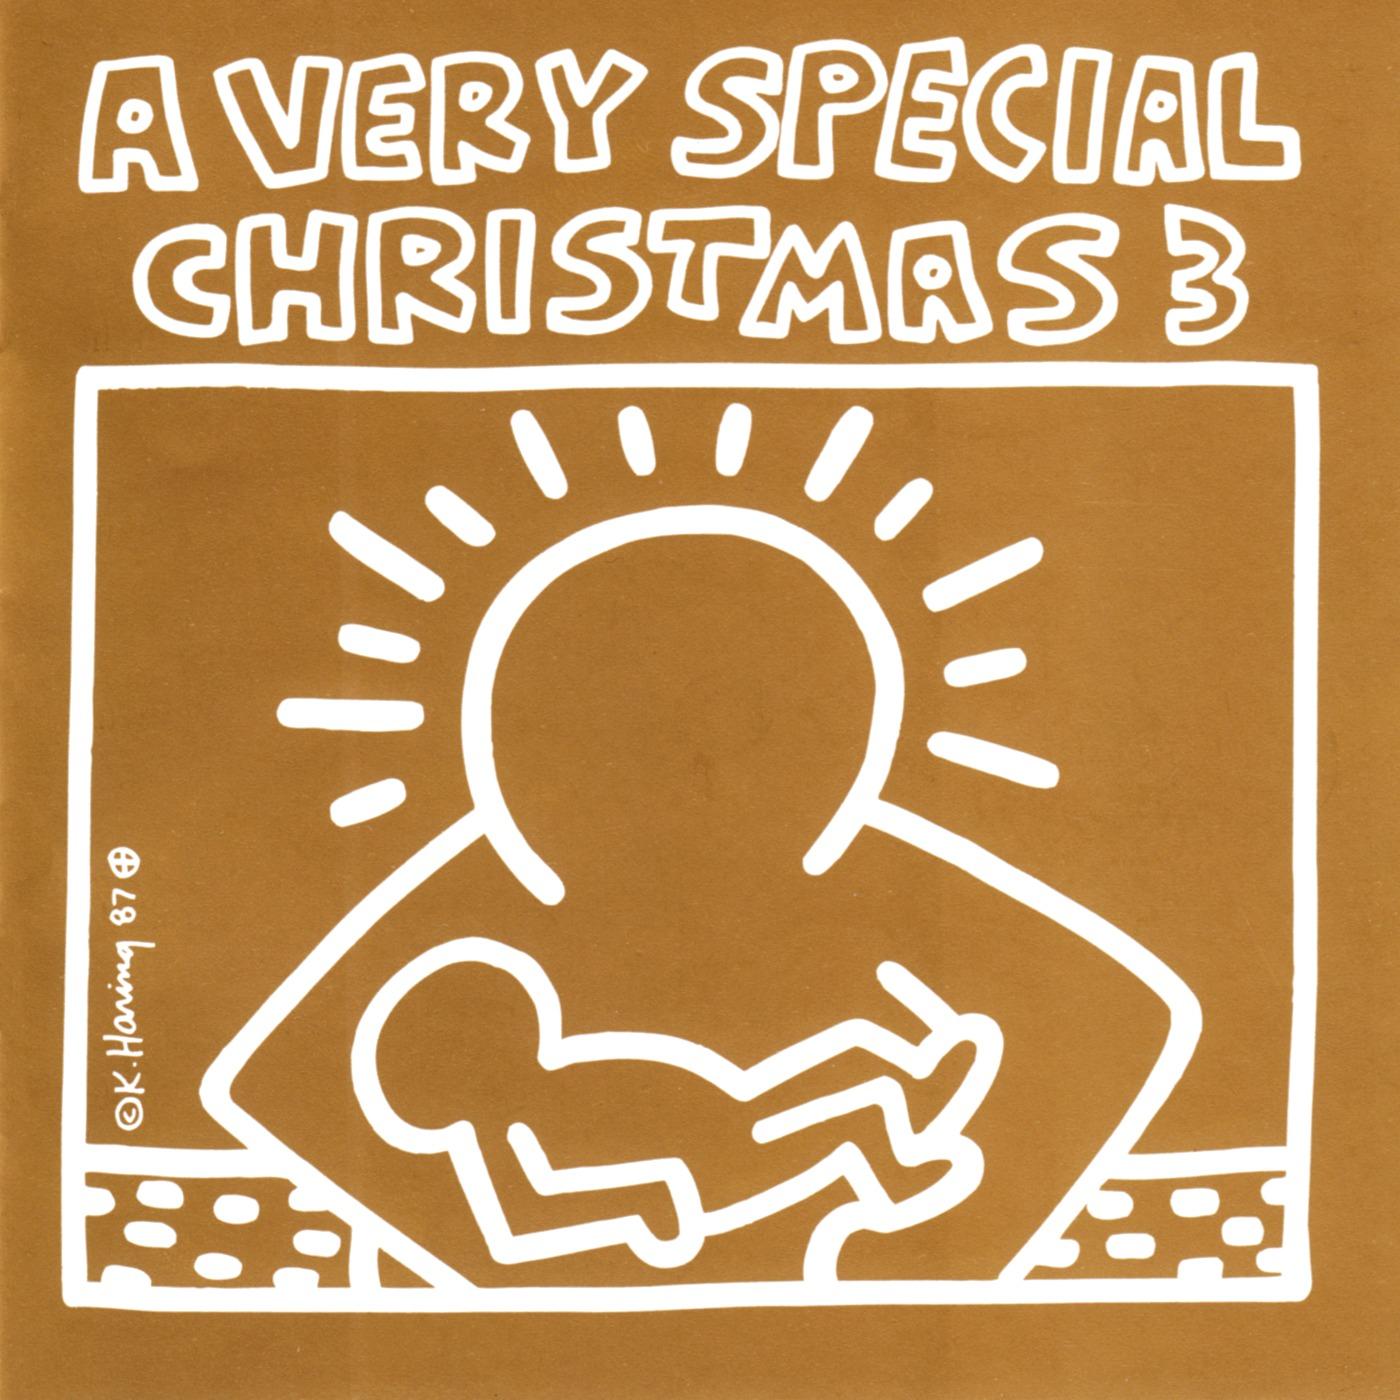 The Smashing Pumpkins Christmastime cover art